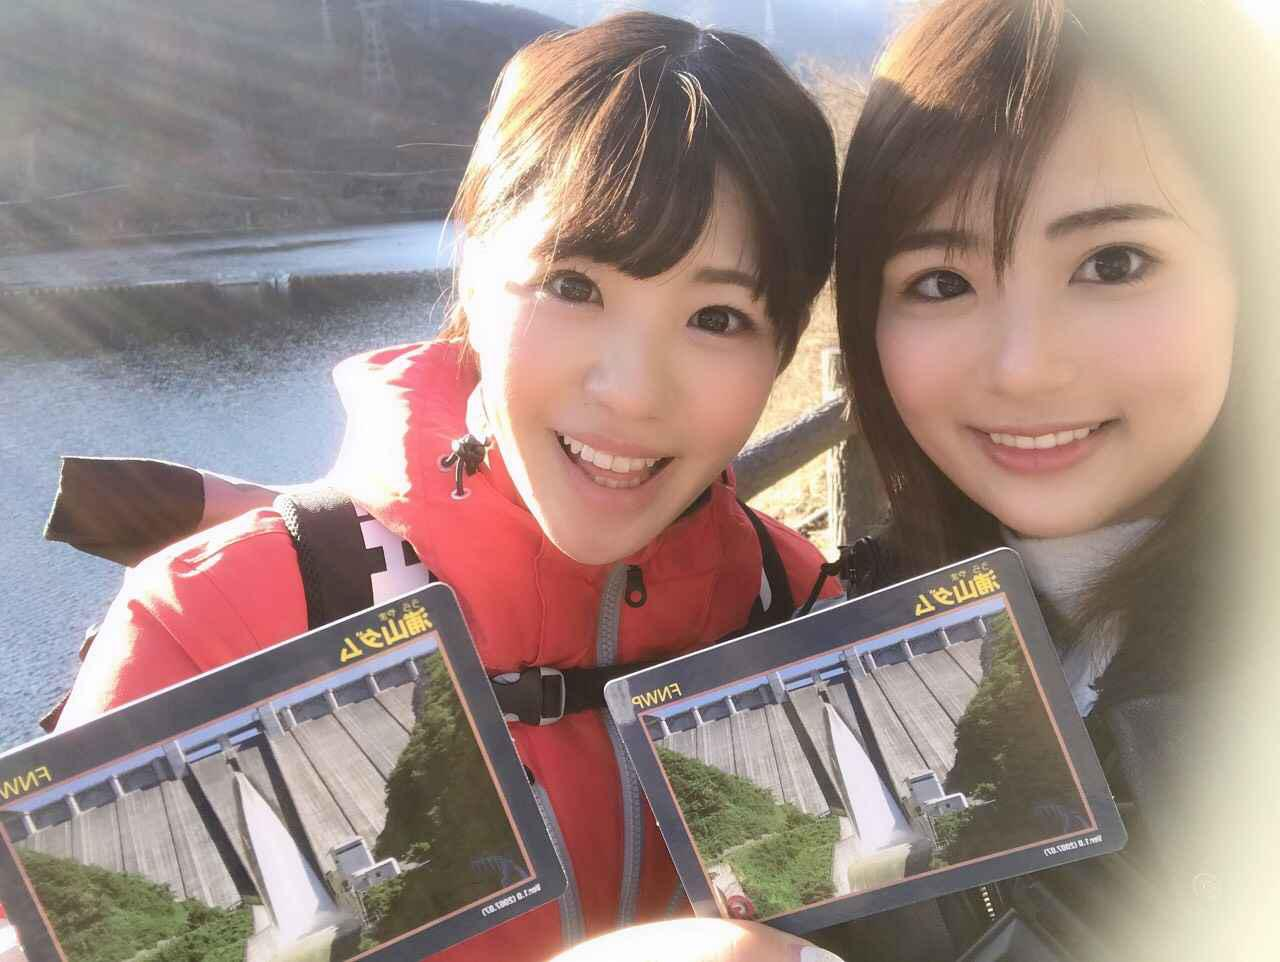 画像: [ふたツー]2019年初ふたツー☆秩父ツーリング(平嶋夏海 編)with 梅本まどか - webオートバイ